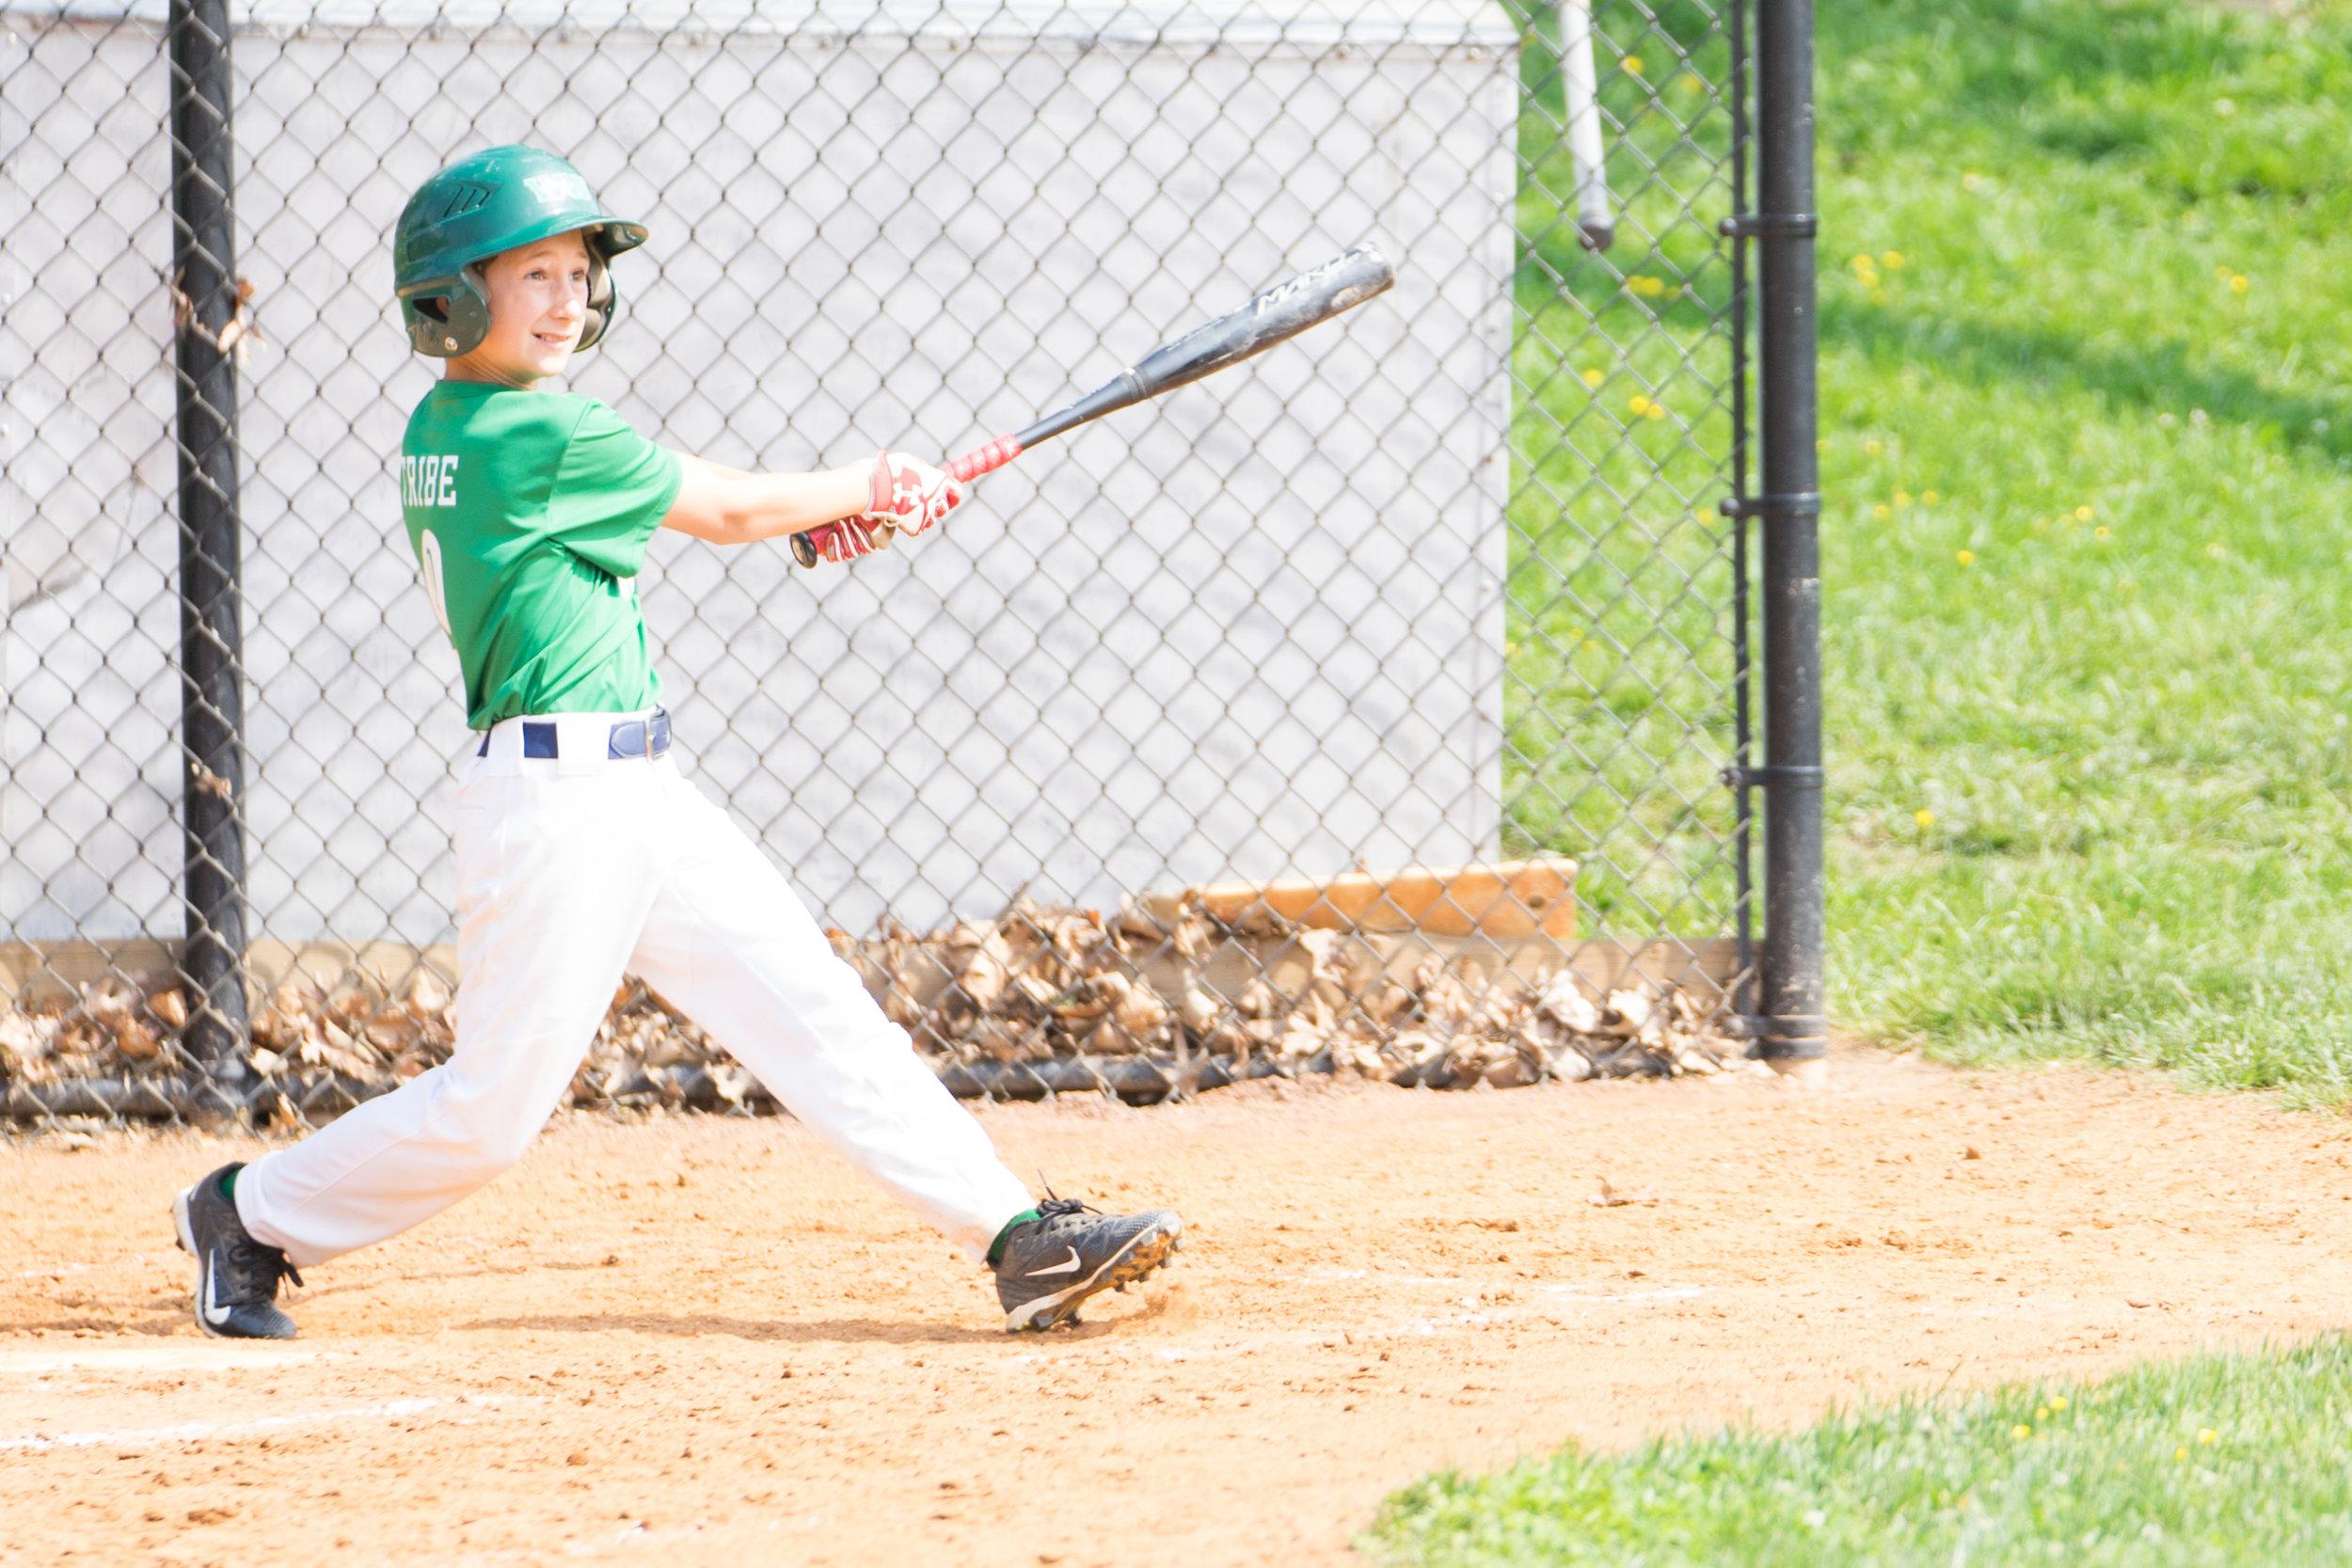 Luke batting.jpg